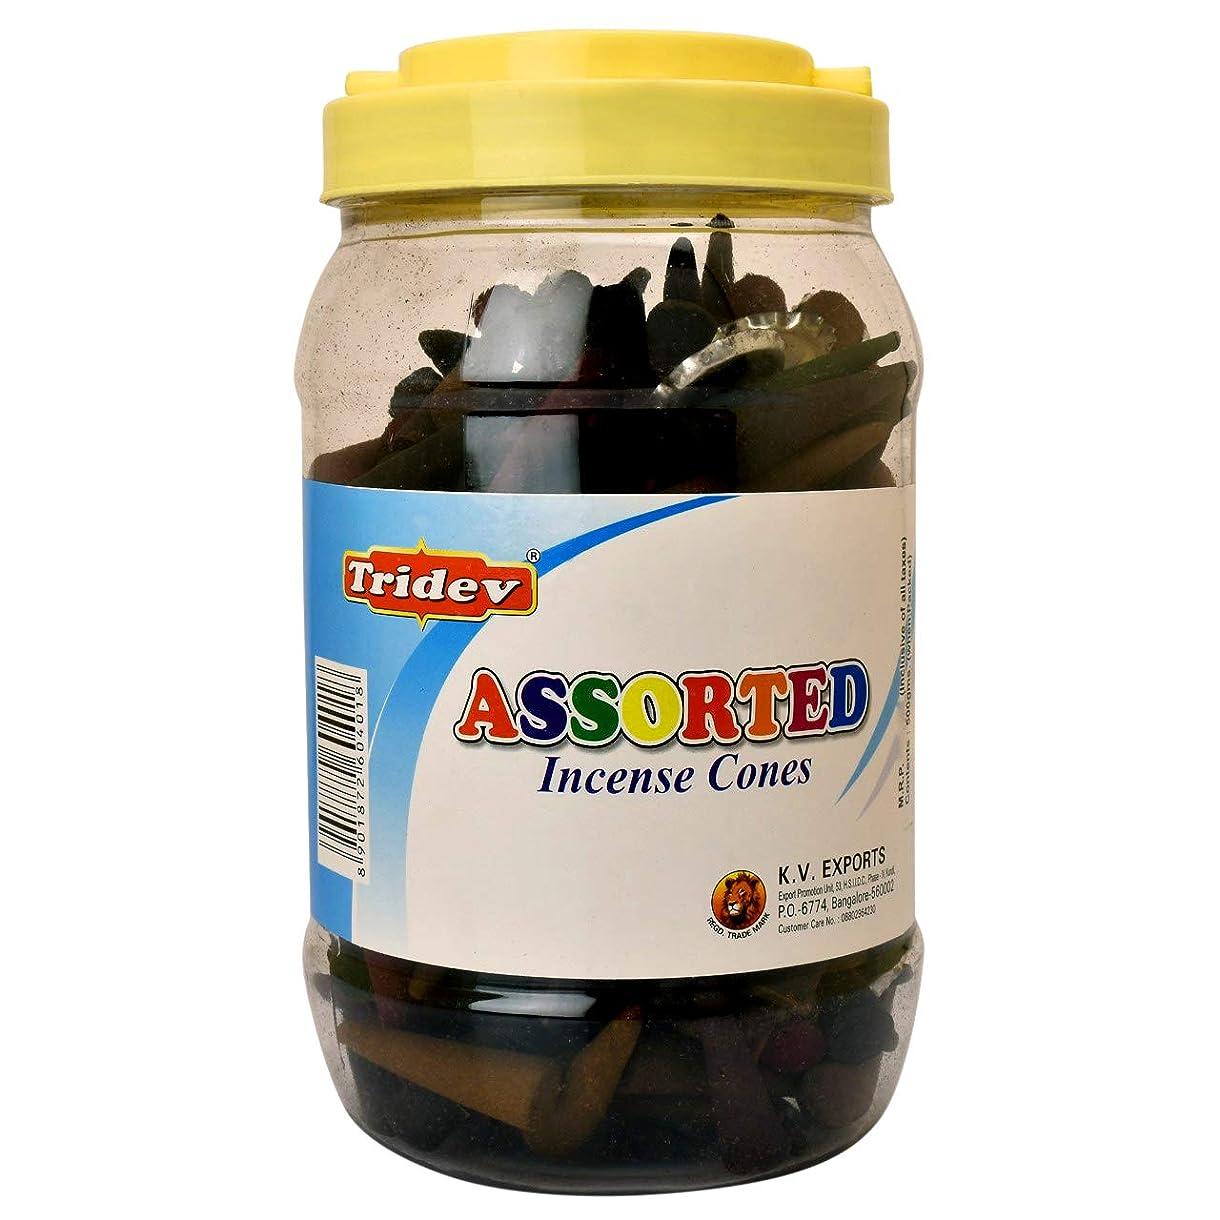 ねばねば浅いめ言葉Tridev Assorted Incense Cones Jar 500グラムパック